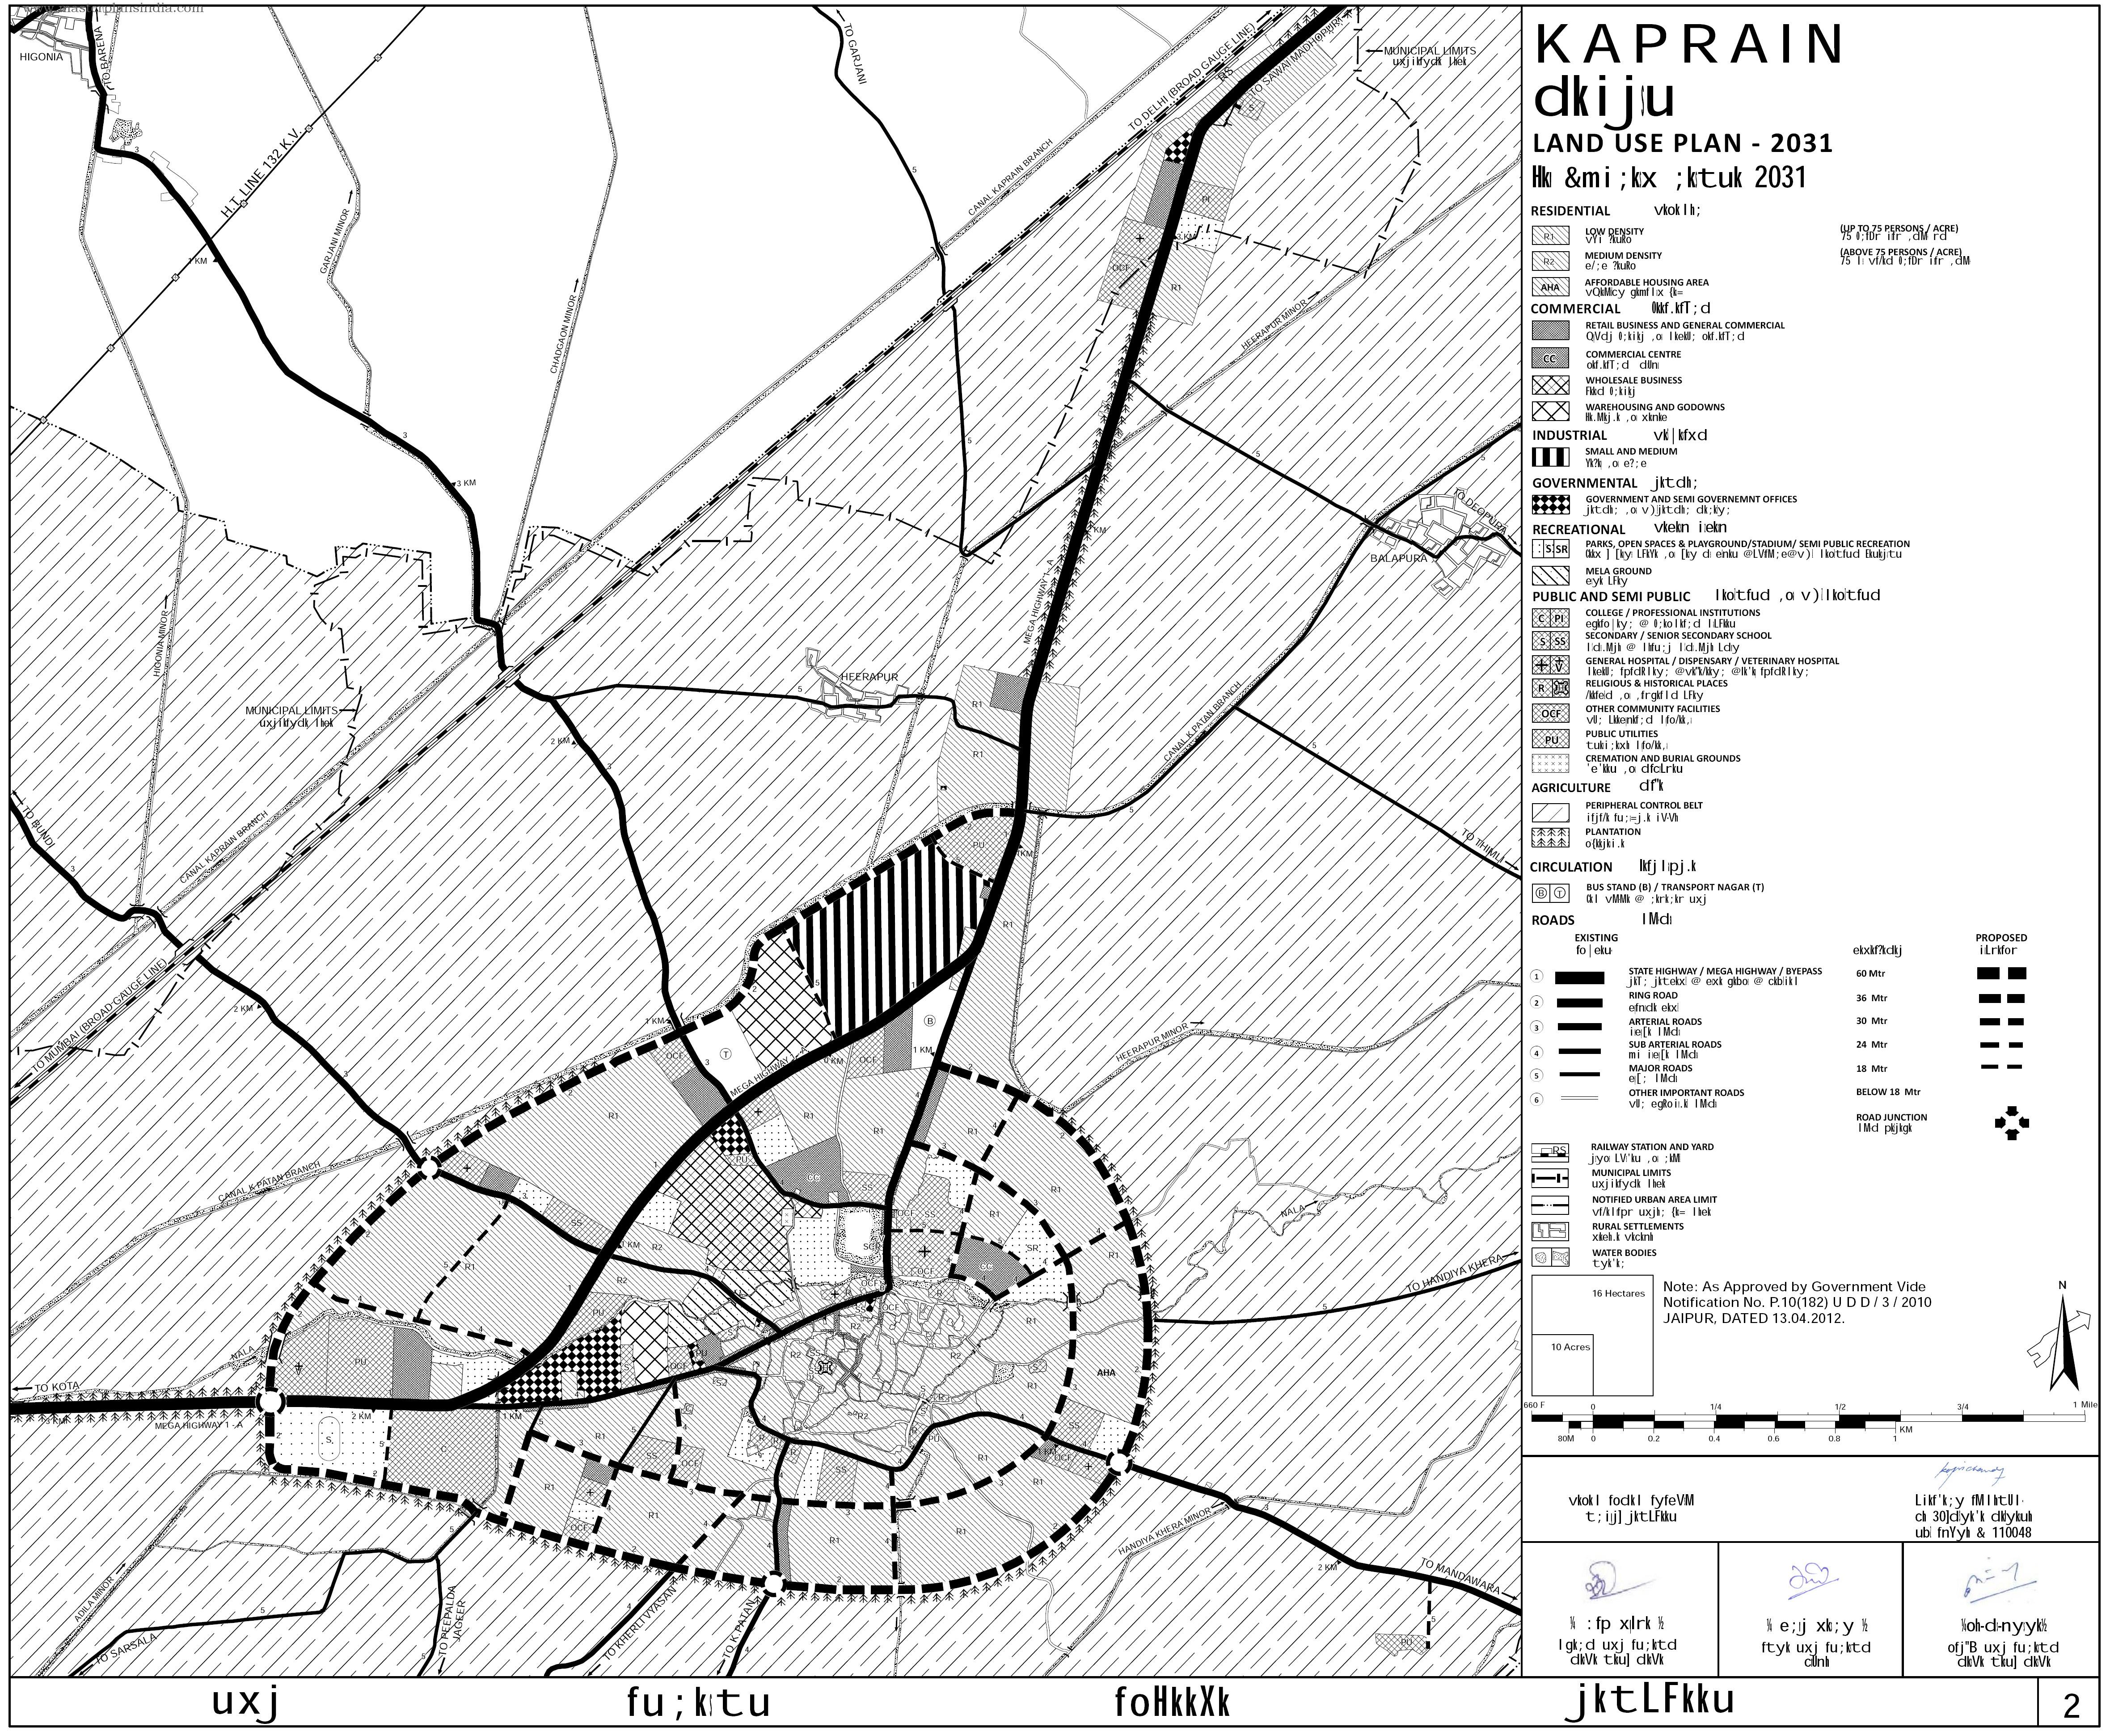 Kaprain Master Development Plan 2031 Map PDF Download